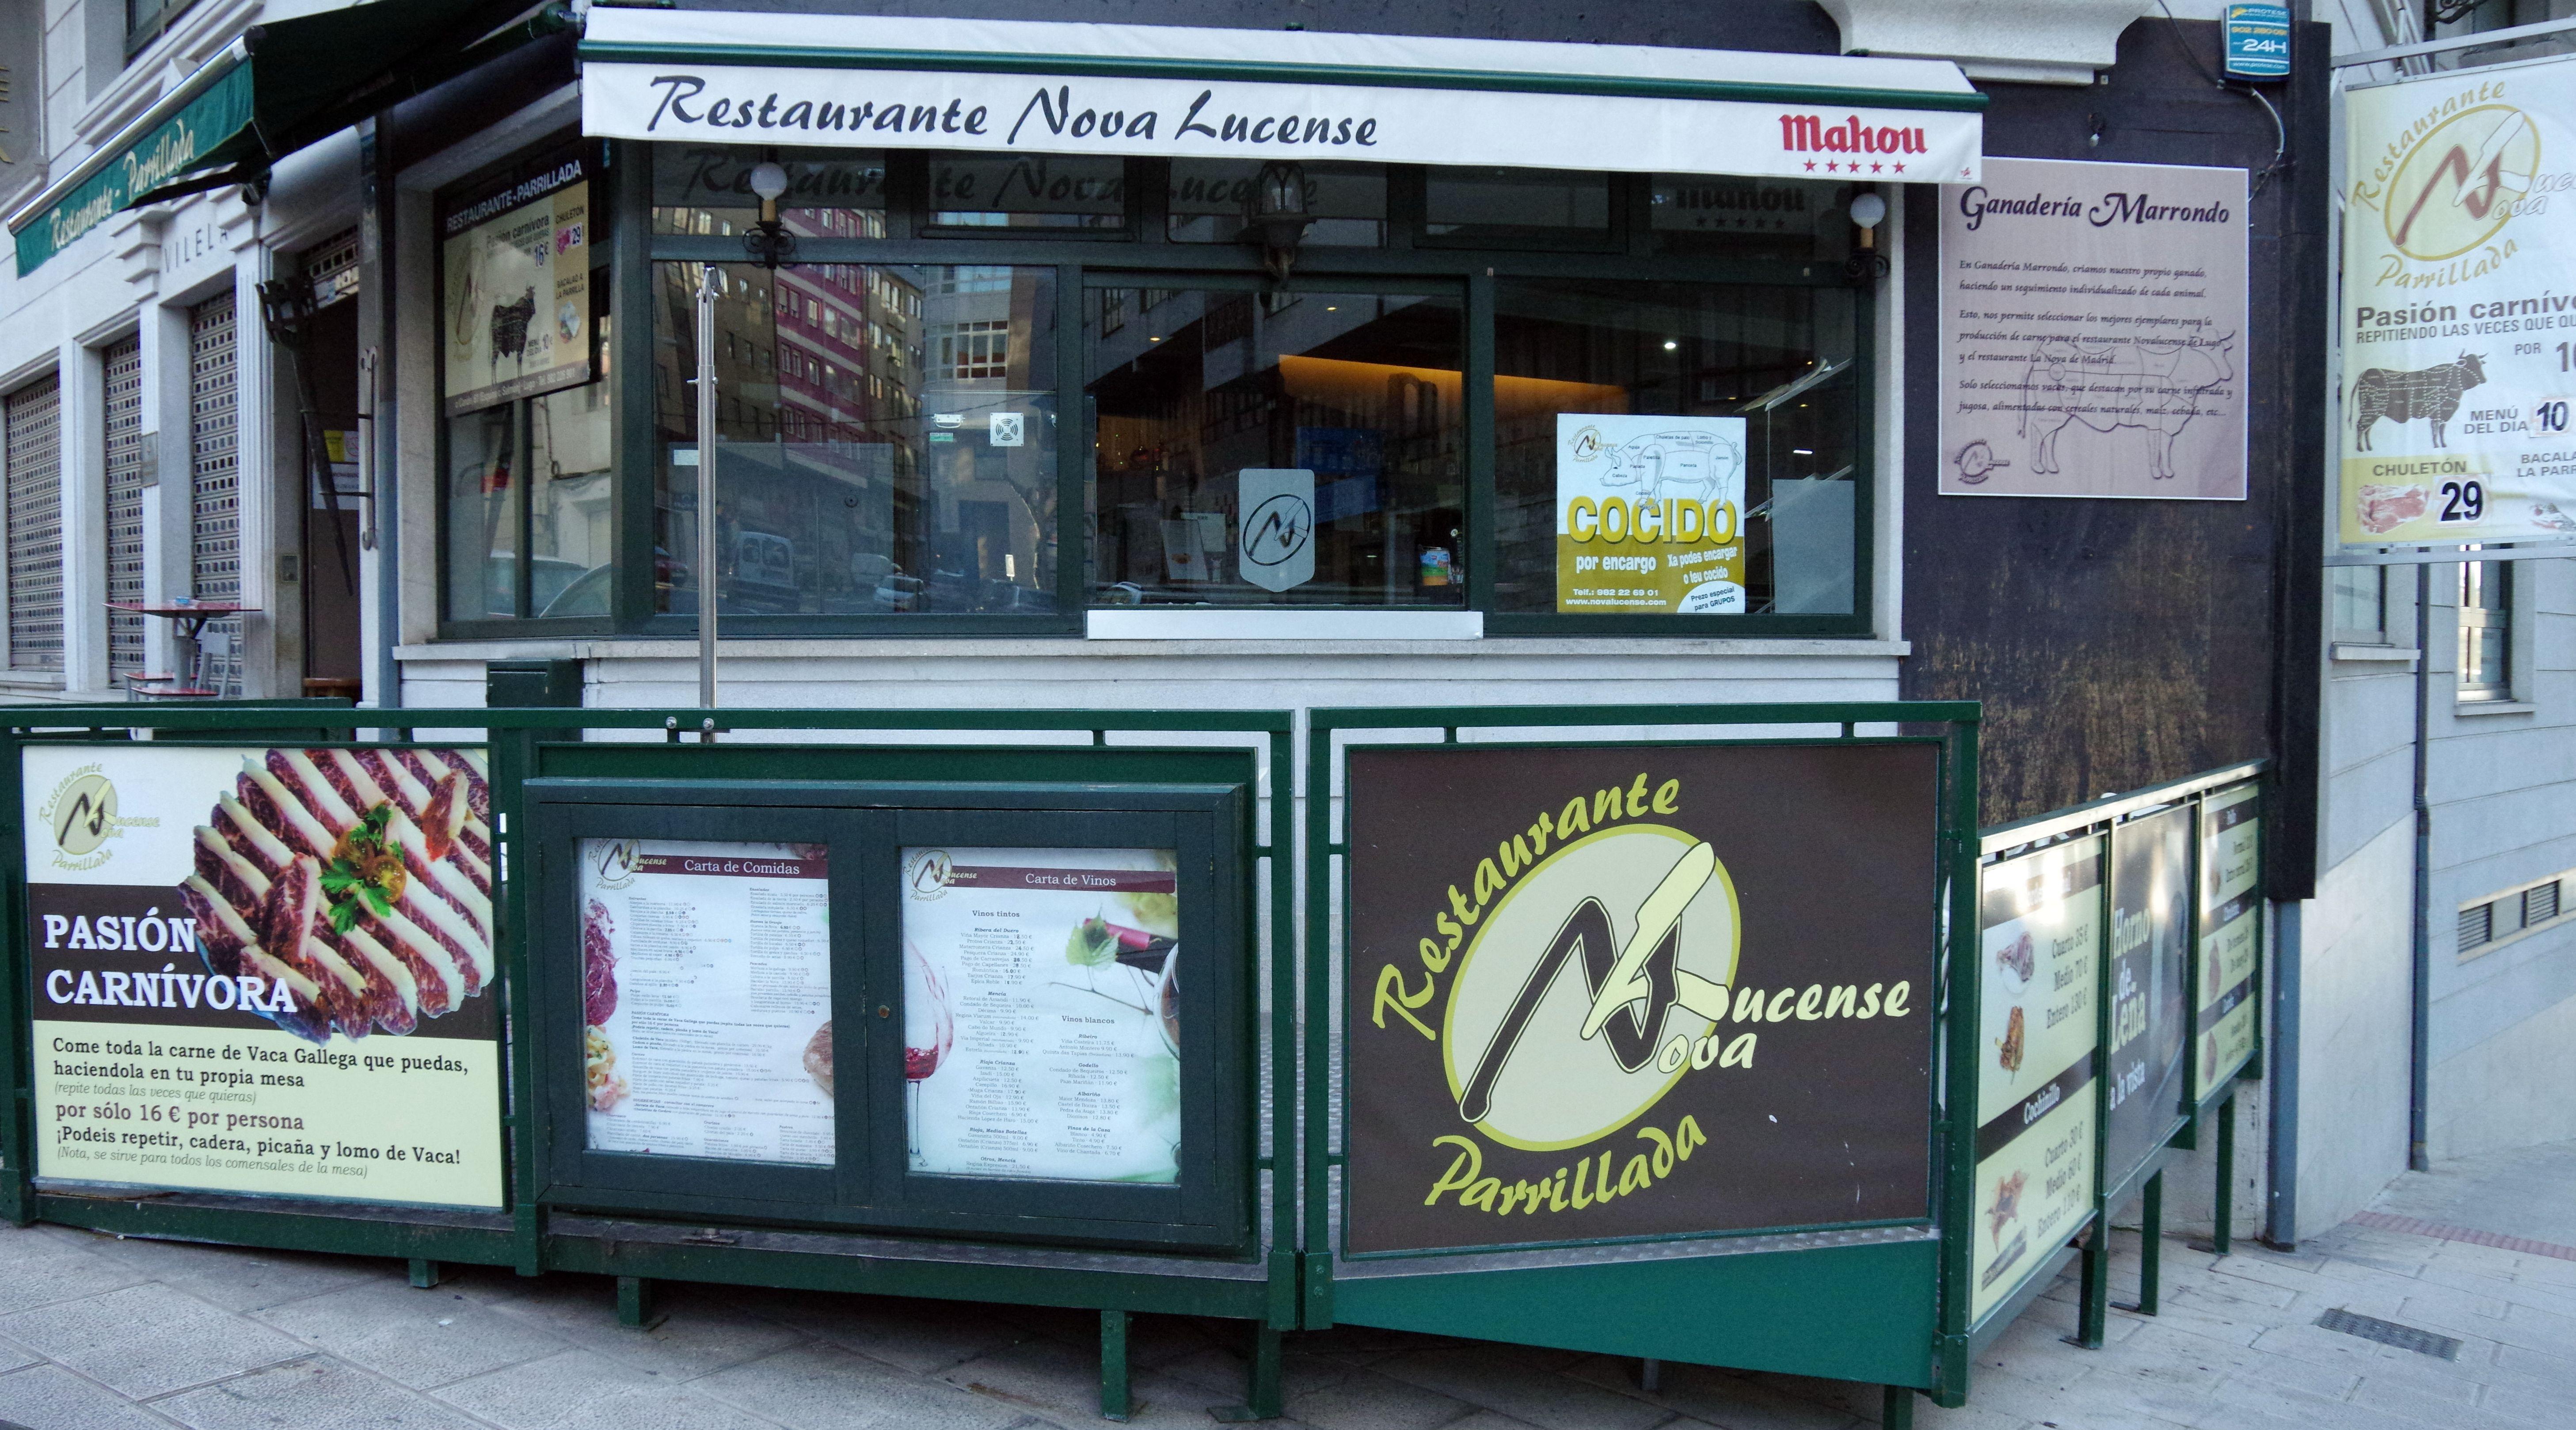 Foto 20 de Cocina gallega en  | Restaurante Nova Lucense